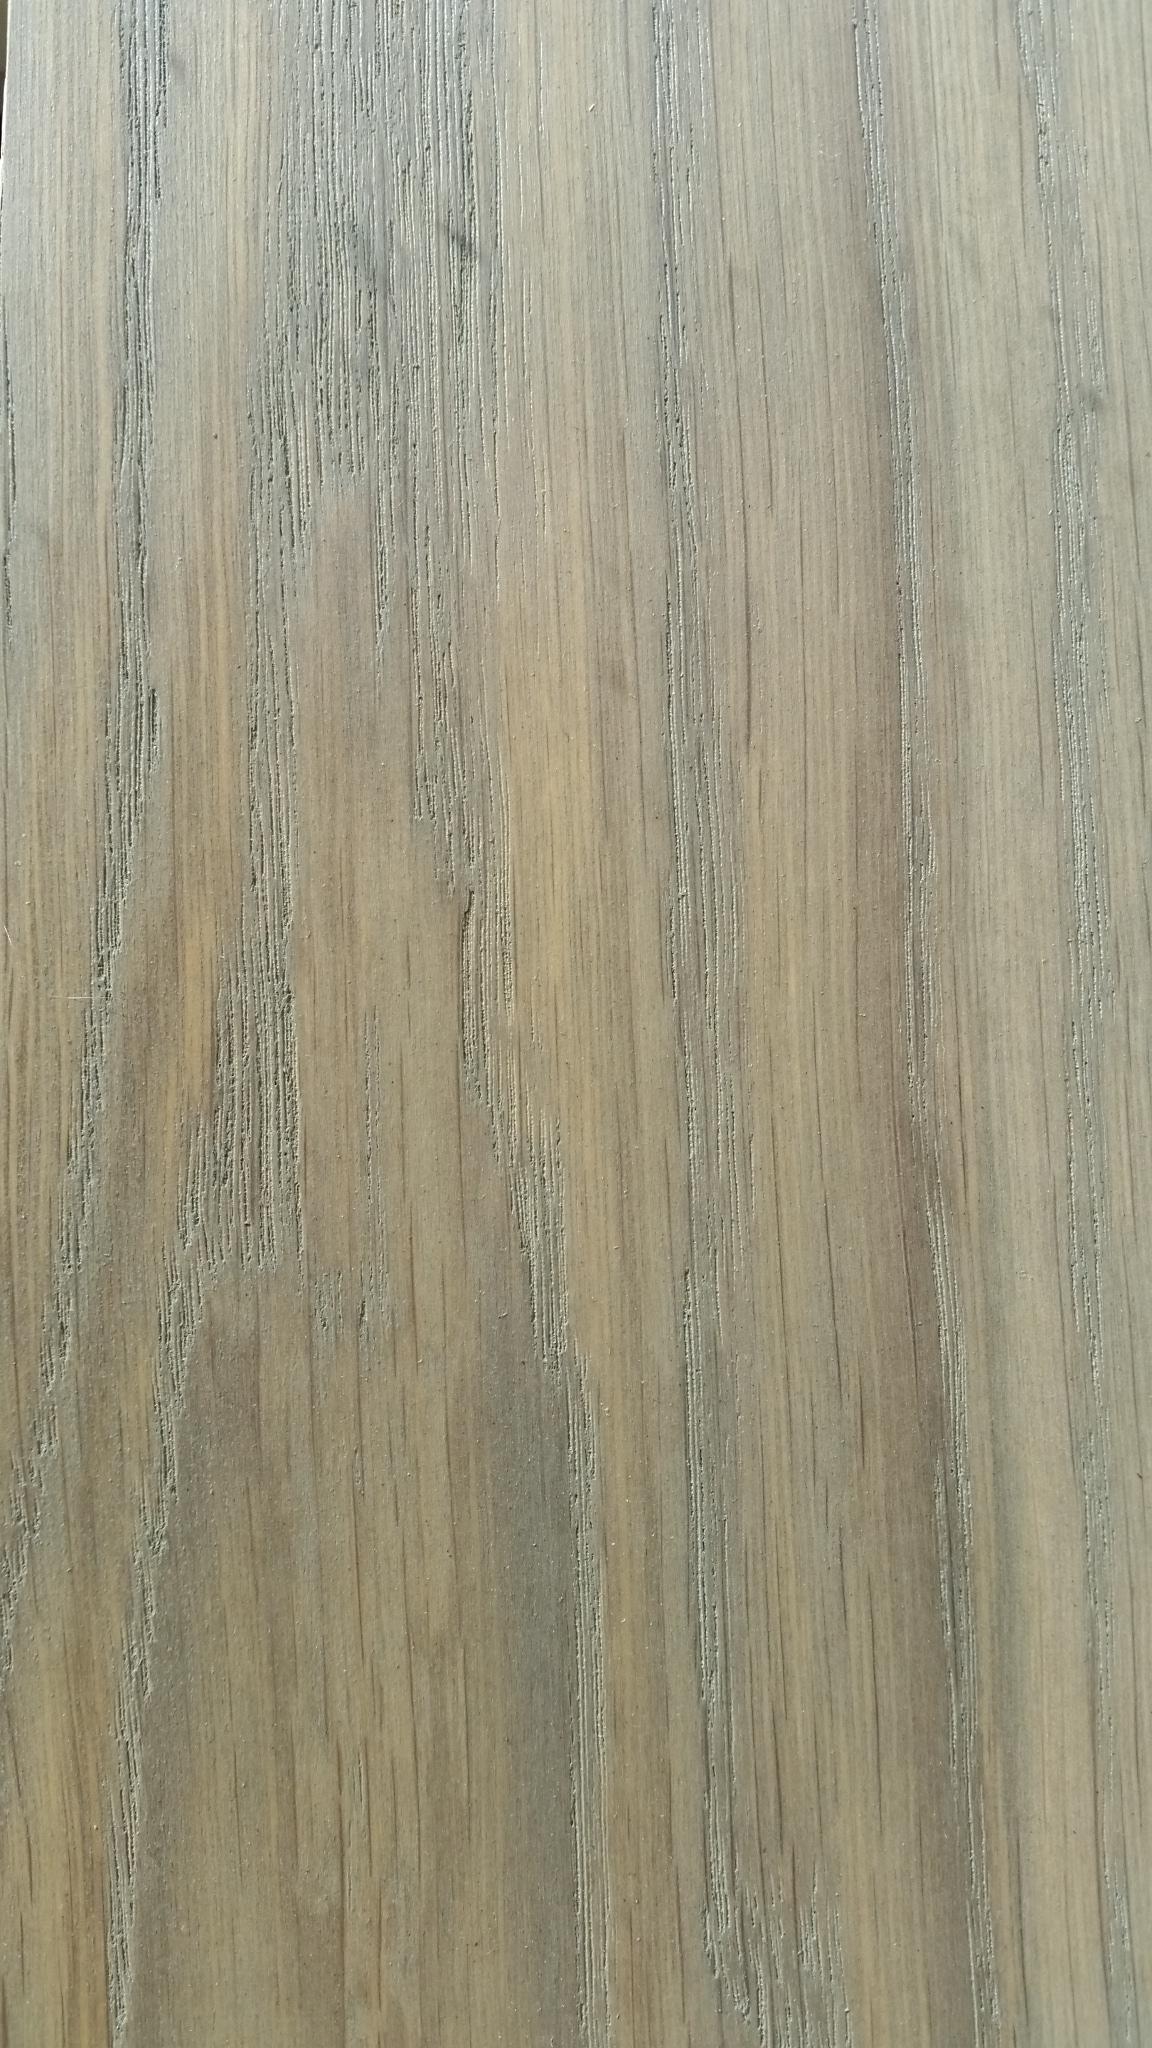 Saicos õlitoonid | Q 3417 Akva hallsile Aqua greysmooth